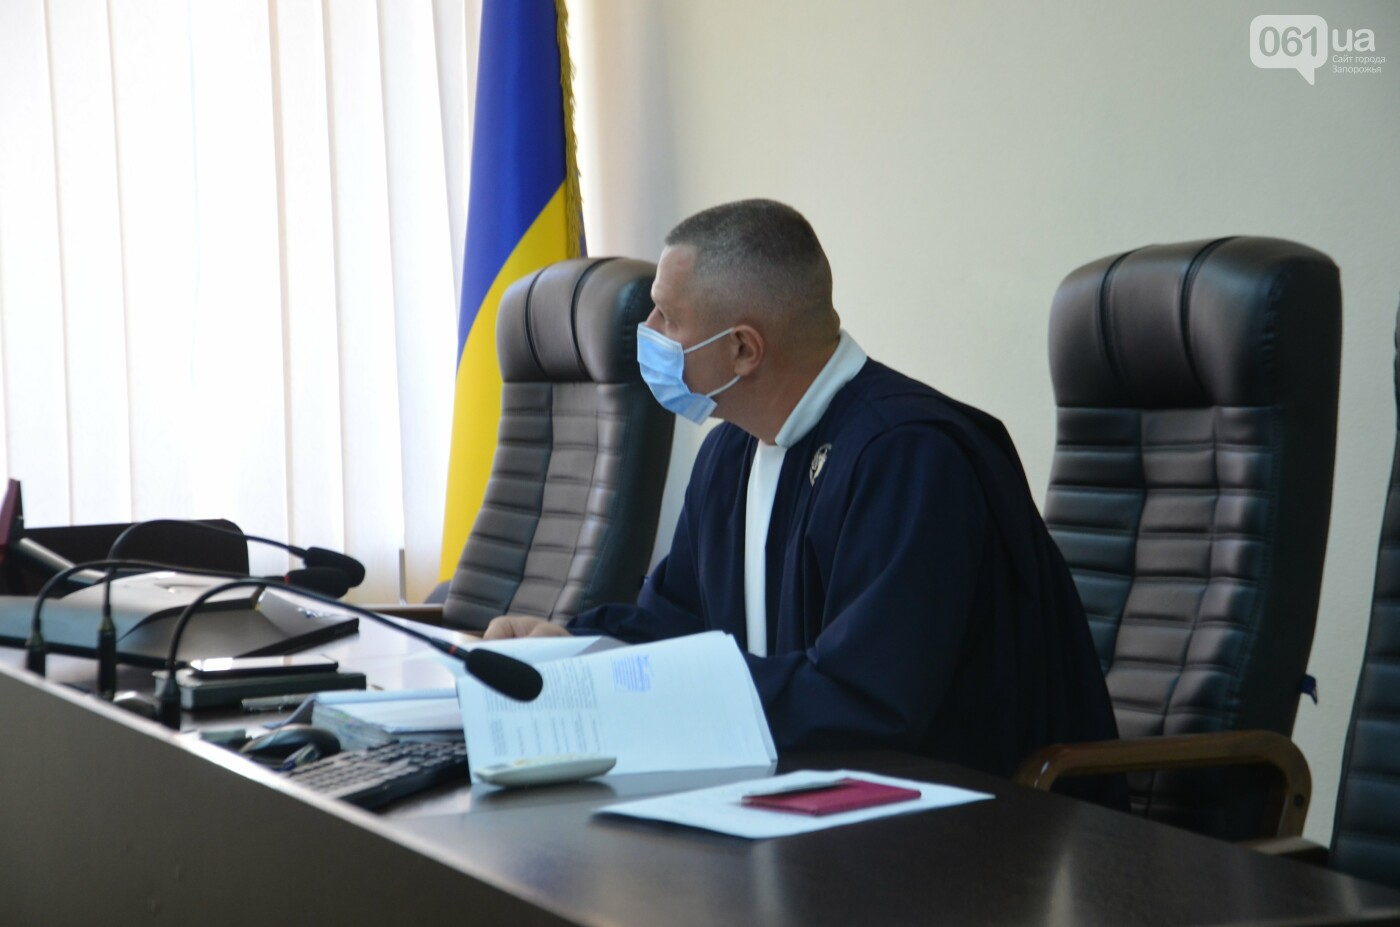 В Запорожье обманутые покупатели квартир выиграли суд у мэрии по делу о «недостроях Сабашука», фото-21